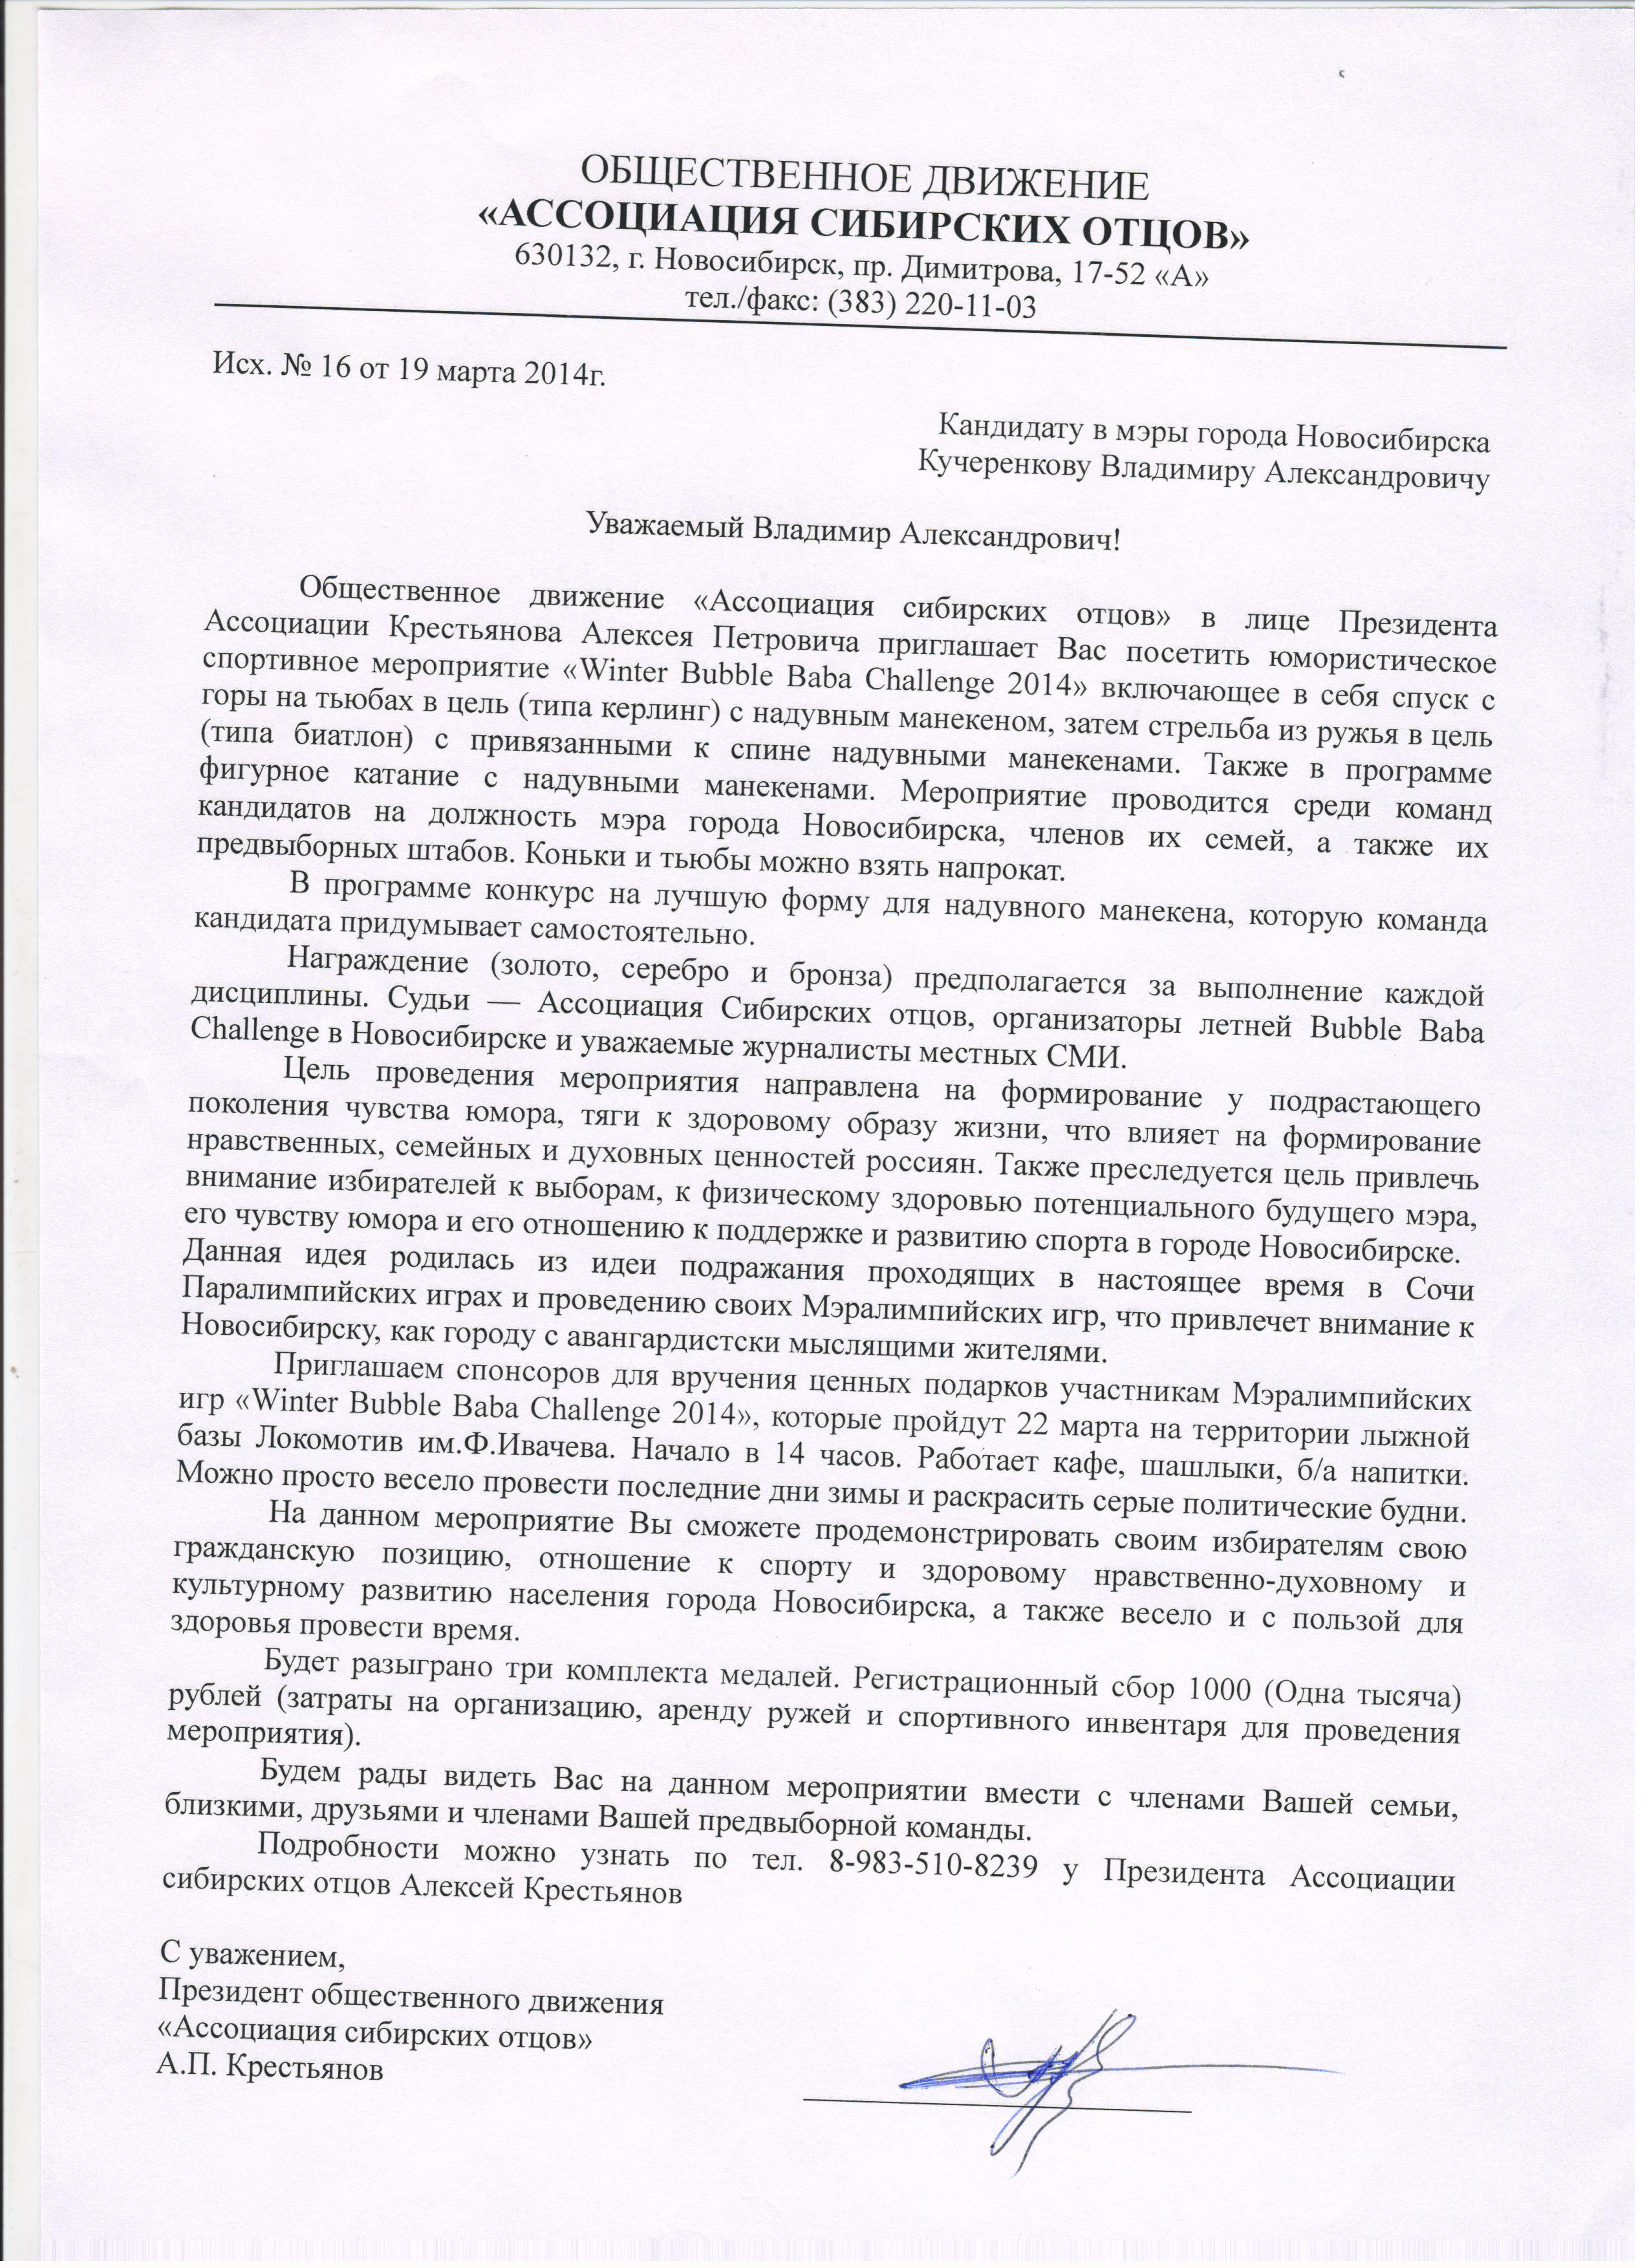 Кучеренкову приглашение 001